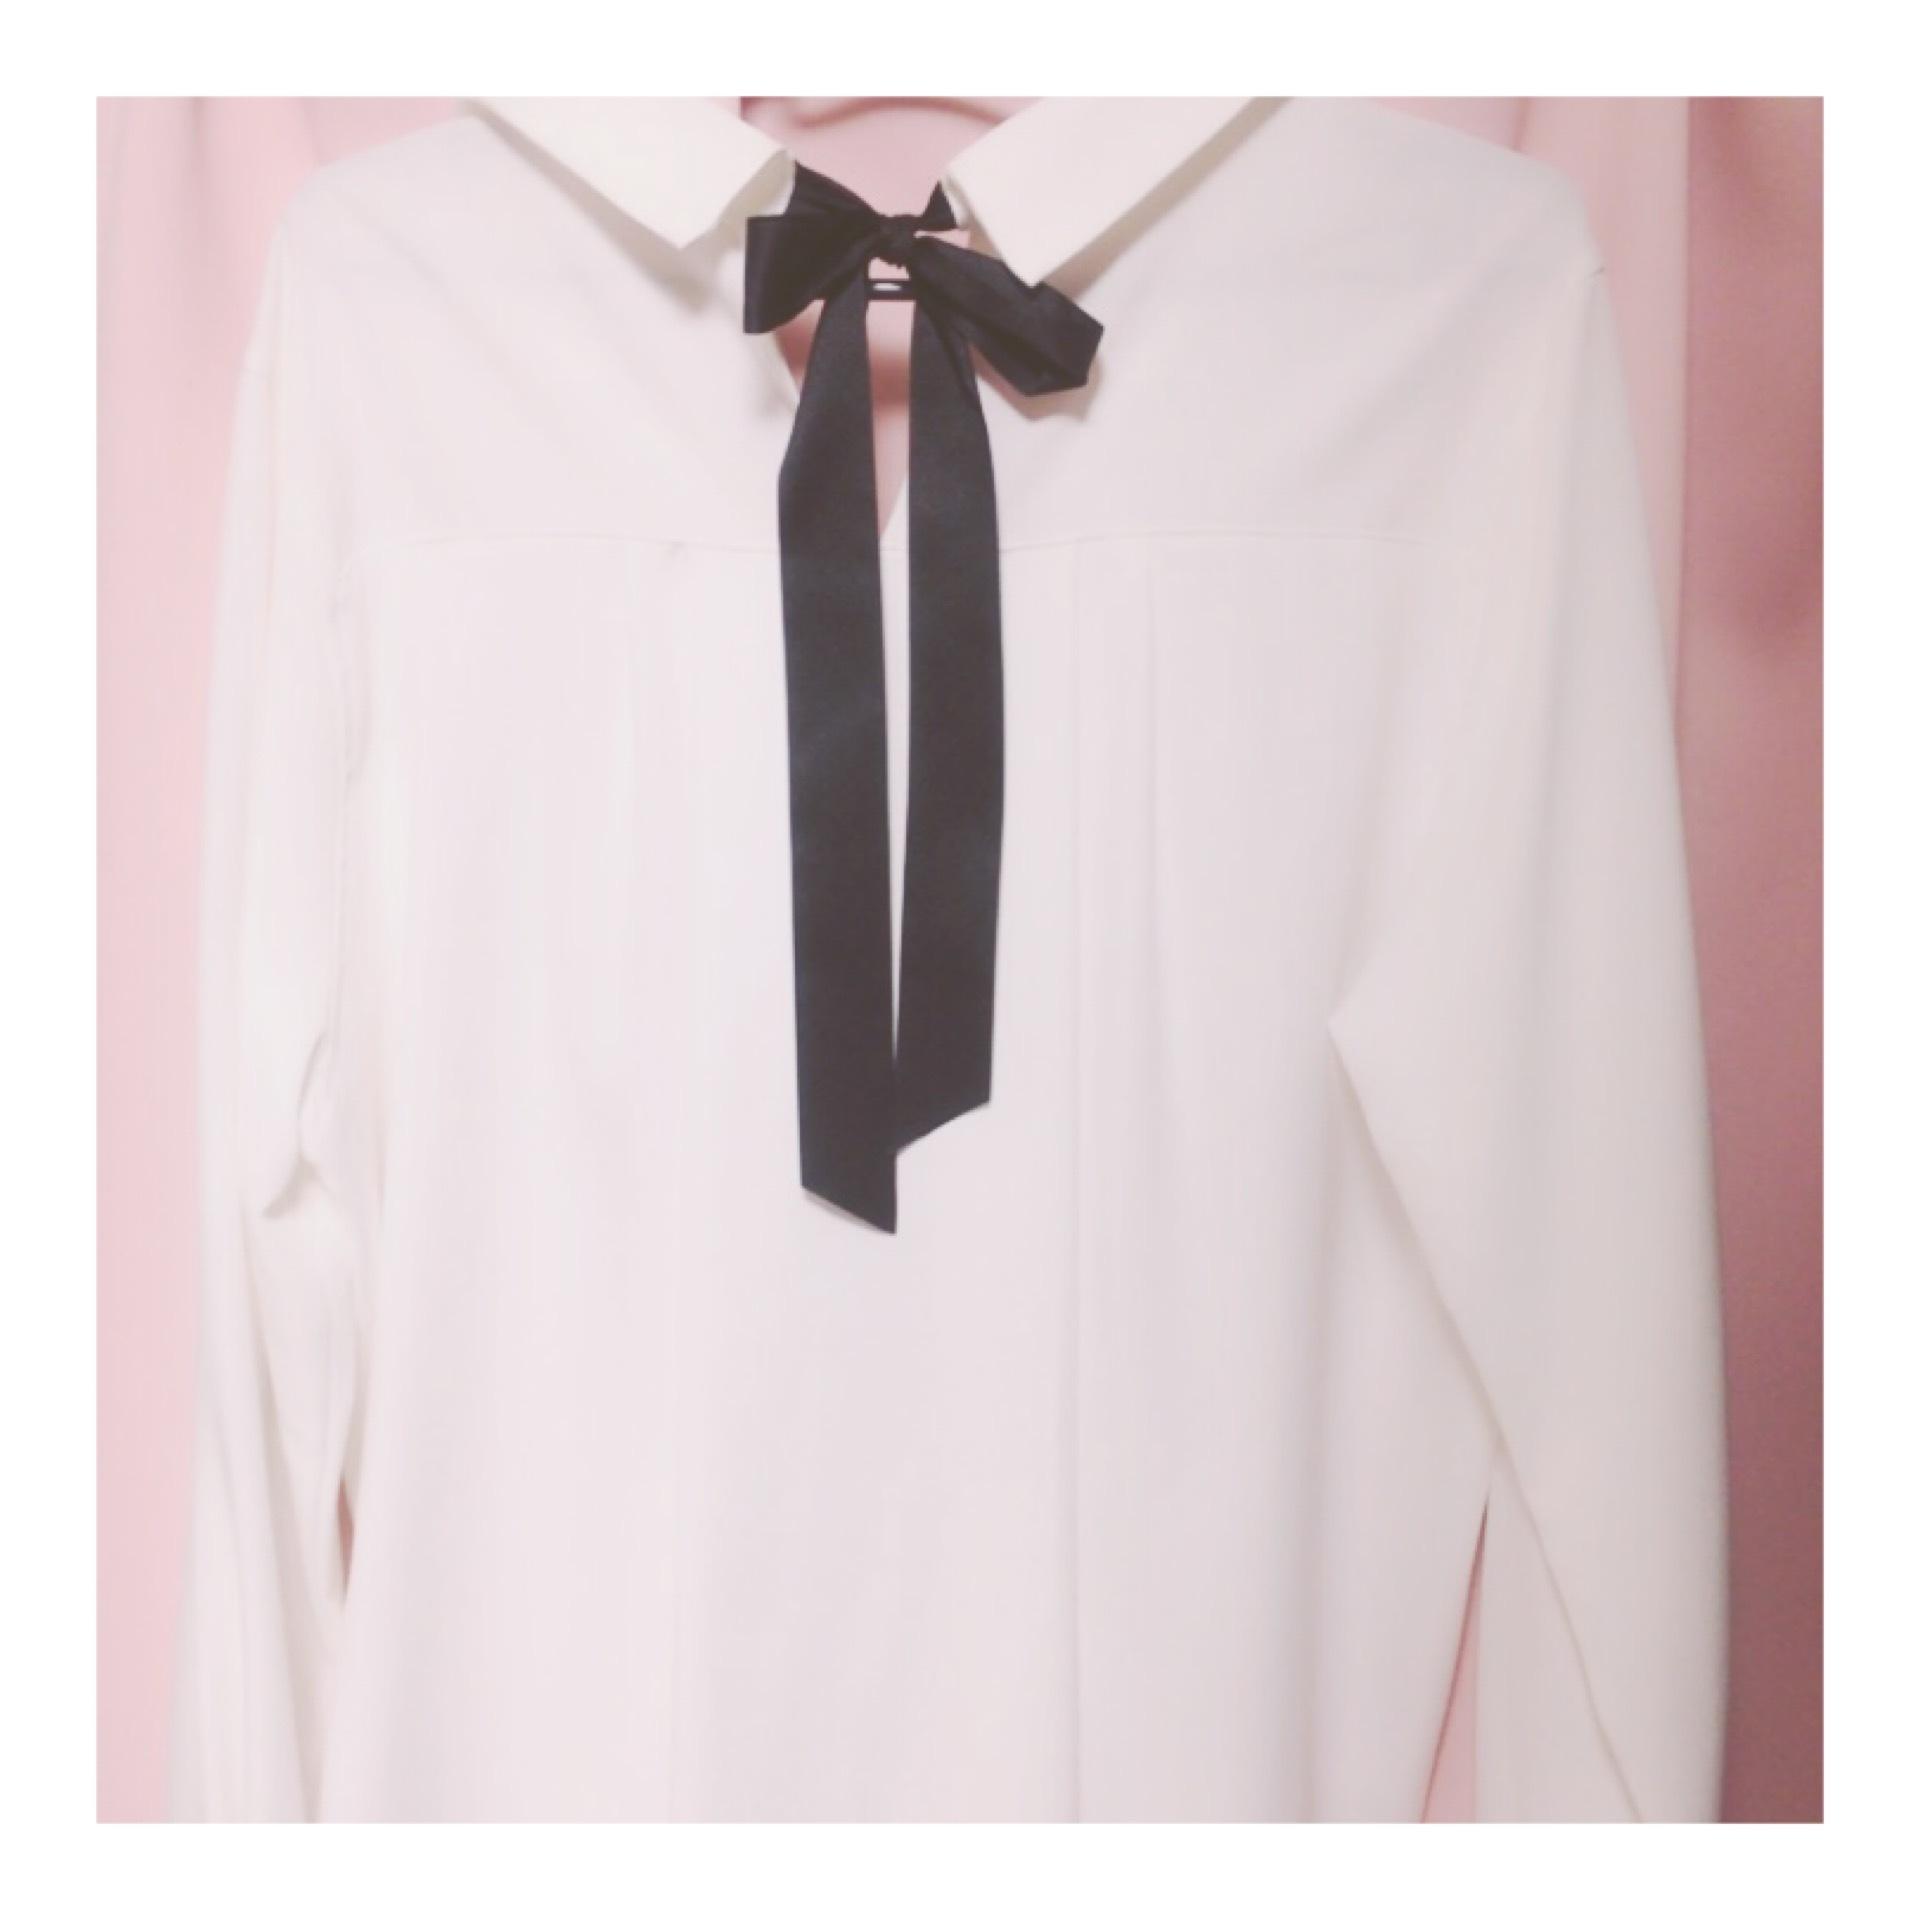 スキッパーシャツ+バックデザイン♩《INGNI リボンスキッパーシャツ》_1_4